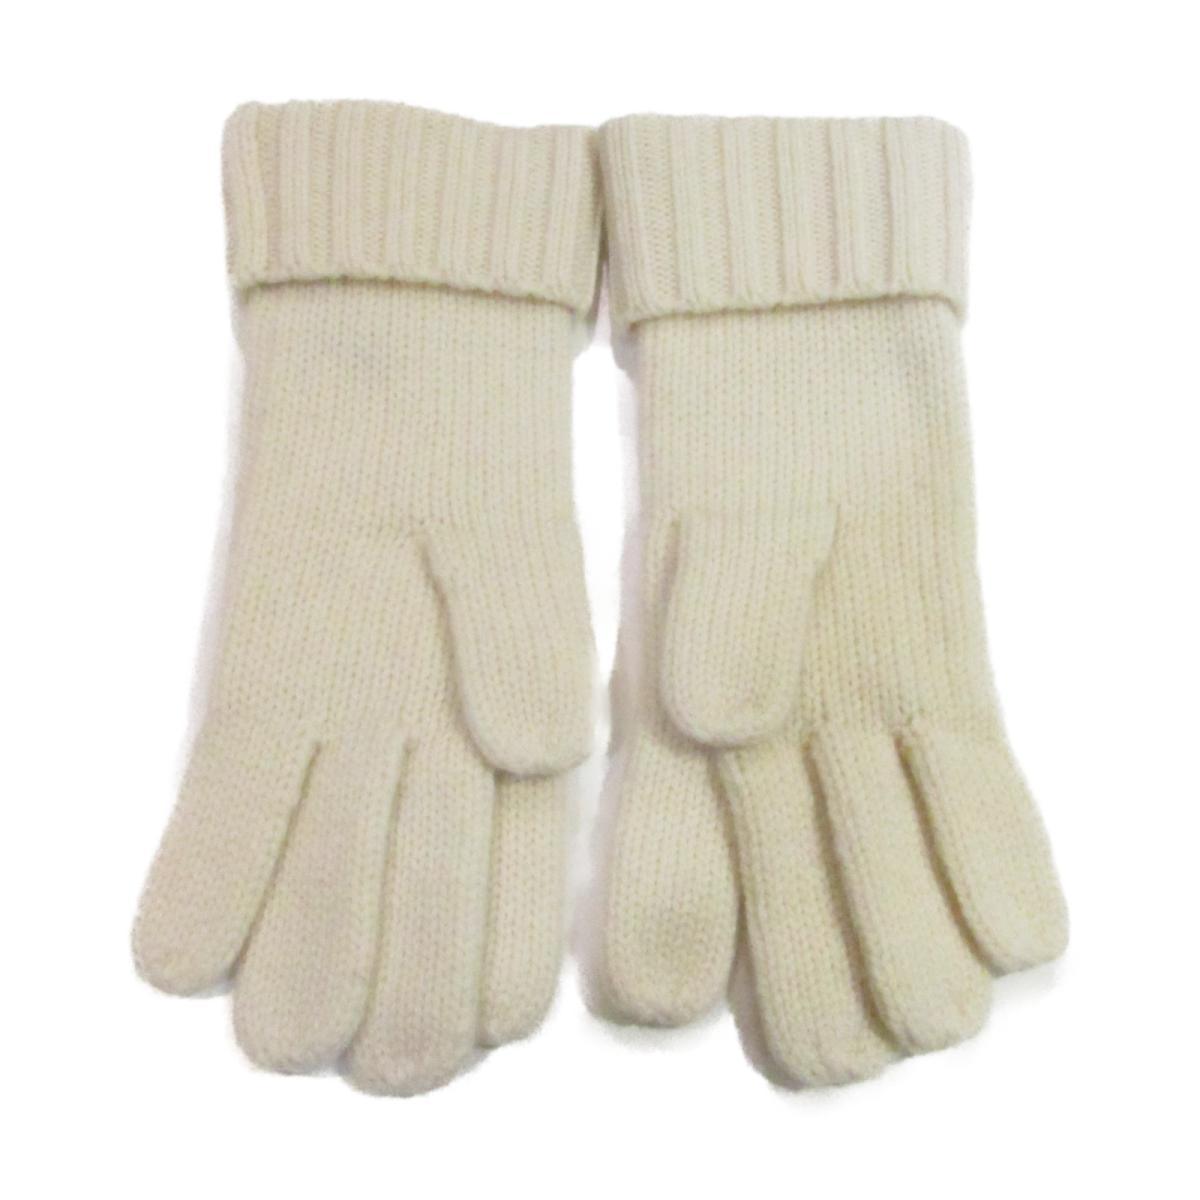 【中古】 シャネル 手袋 レディース カシミア | CHANEL 手袋 手袋 美品 ブランドオフ